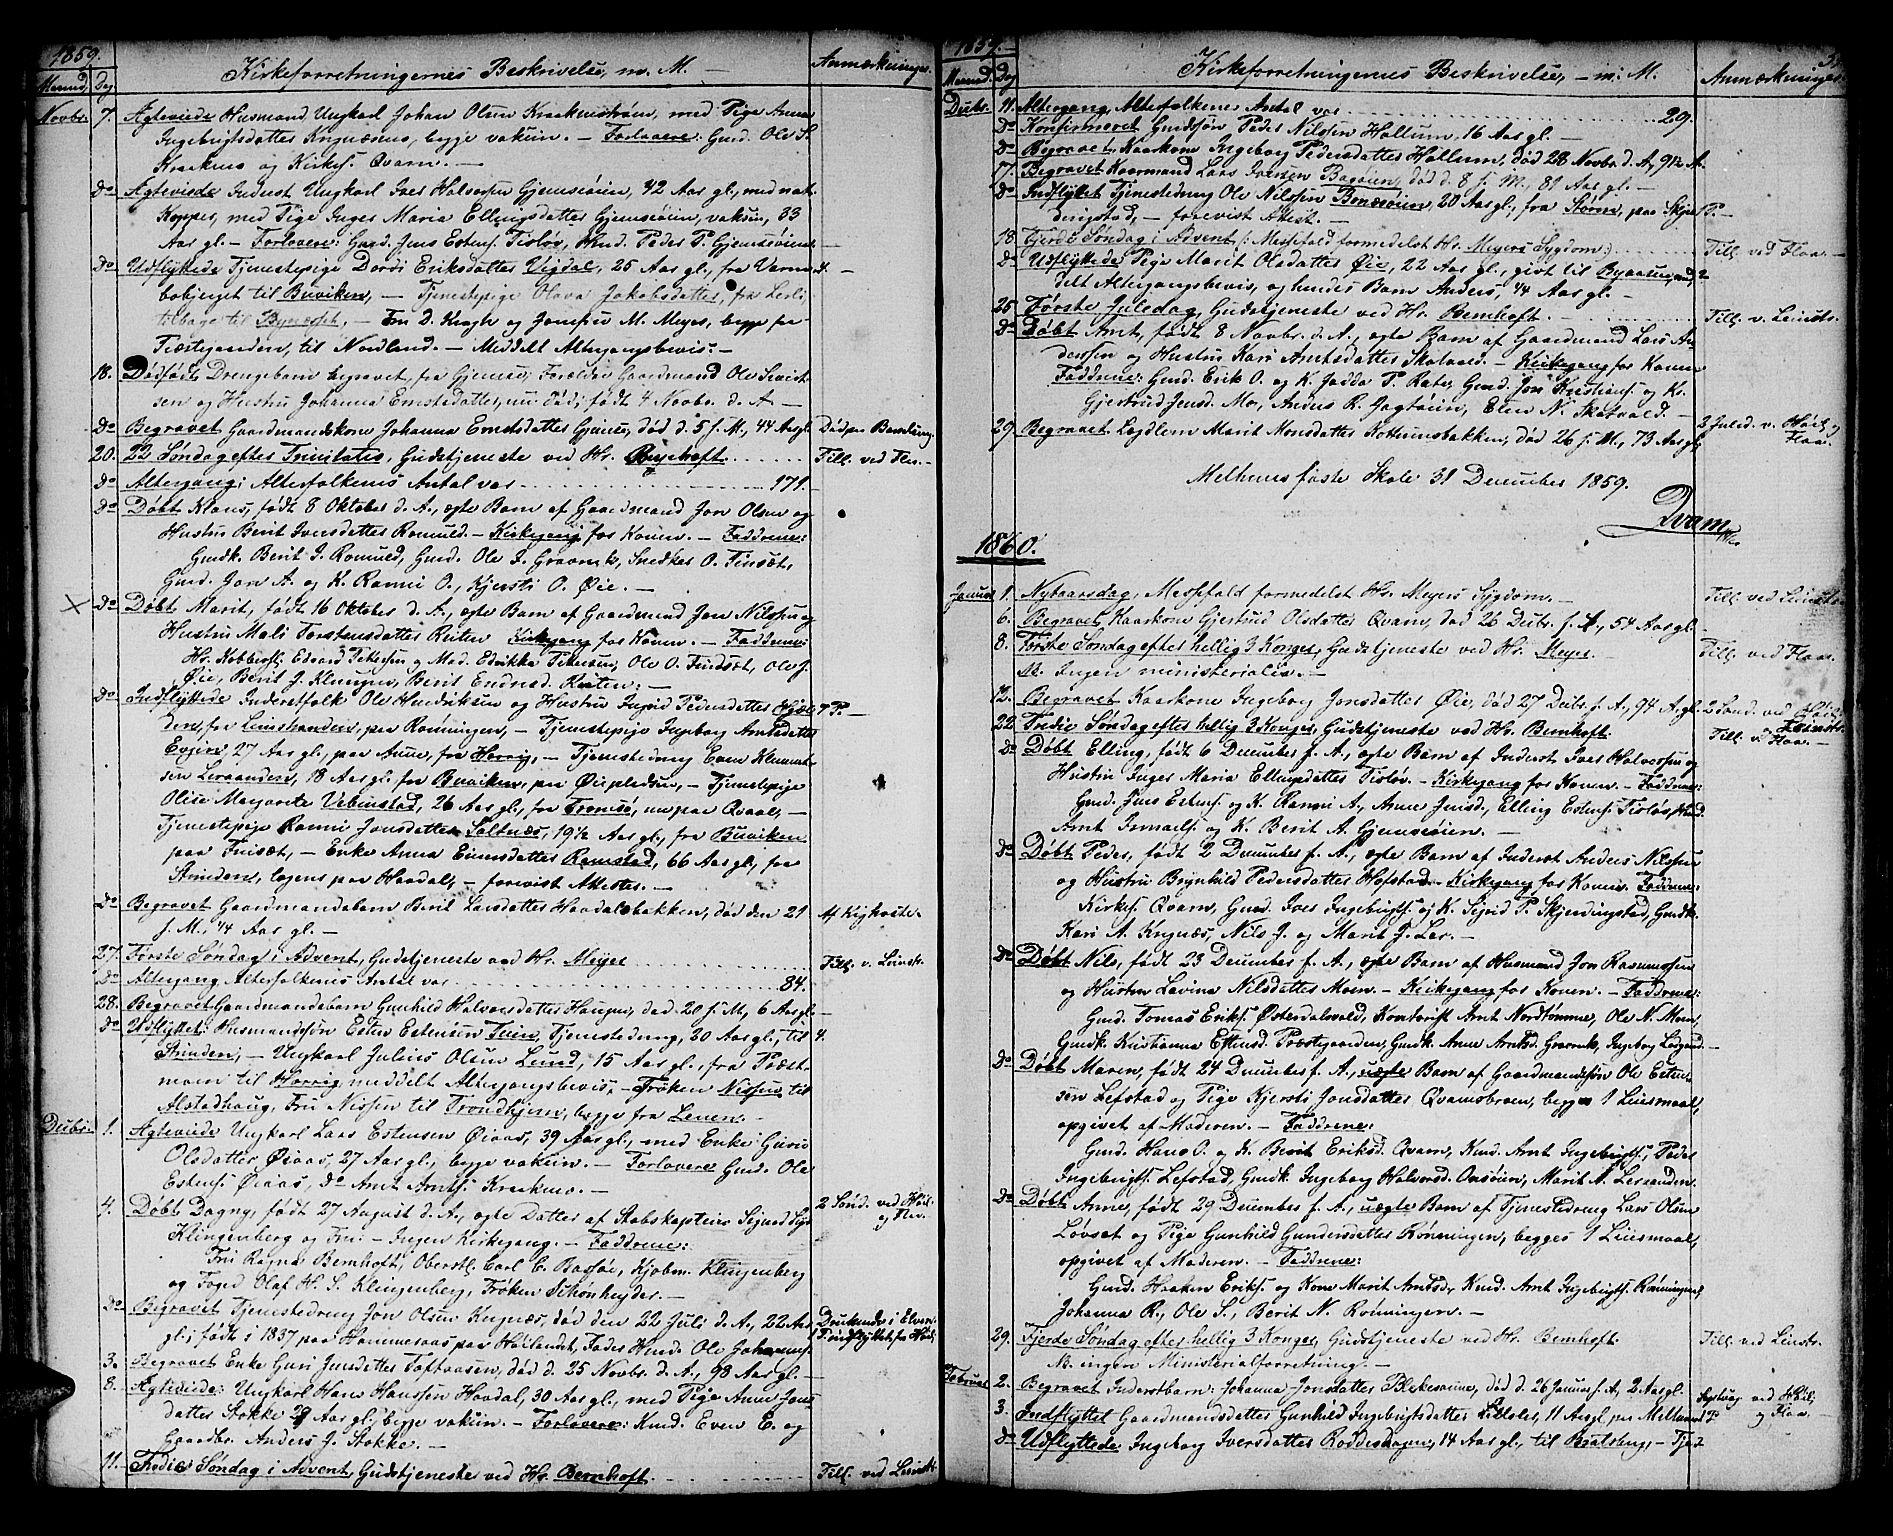 SAT, Ministerialprotokoller, klokkerbøker og fødselsregistre - Sør-Trøndelag, 691/L1093: Klokkerbok nr. 691C04, 1852-1879, s. 51